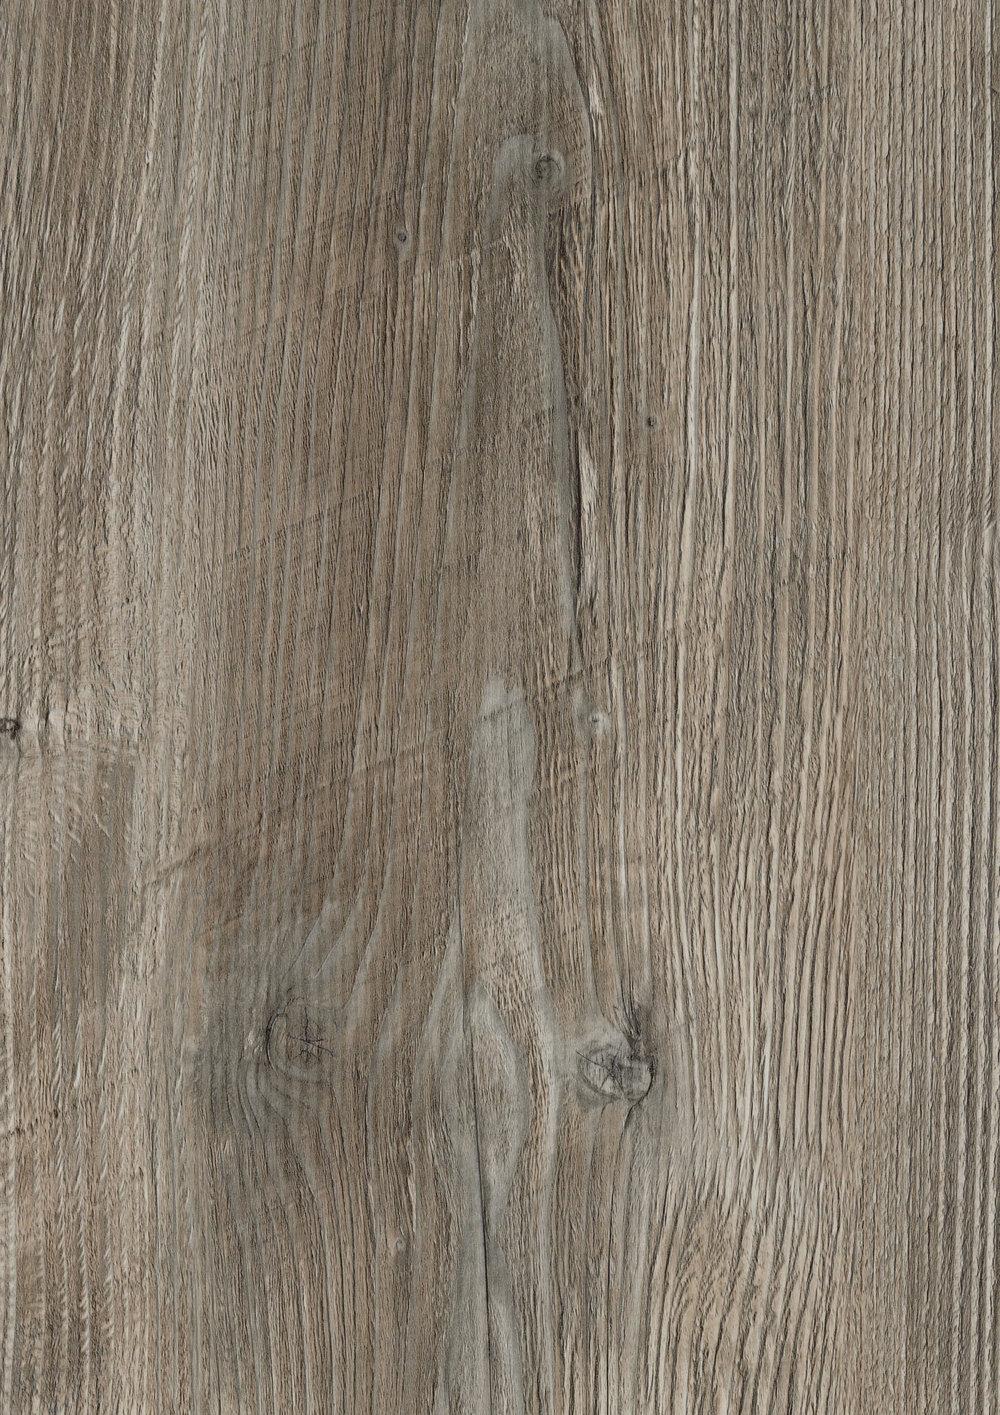 Ponderosa Pine 4531